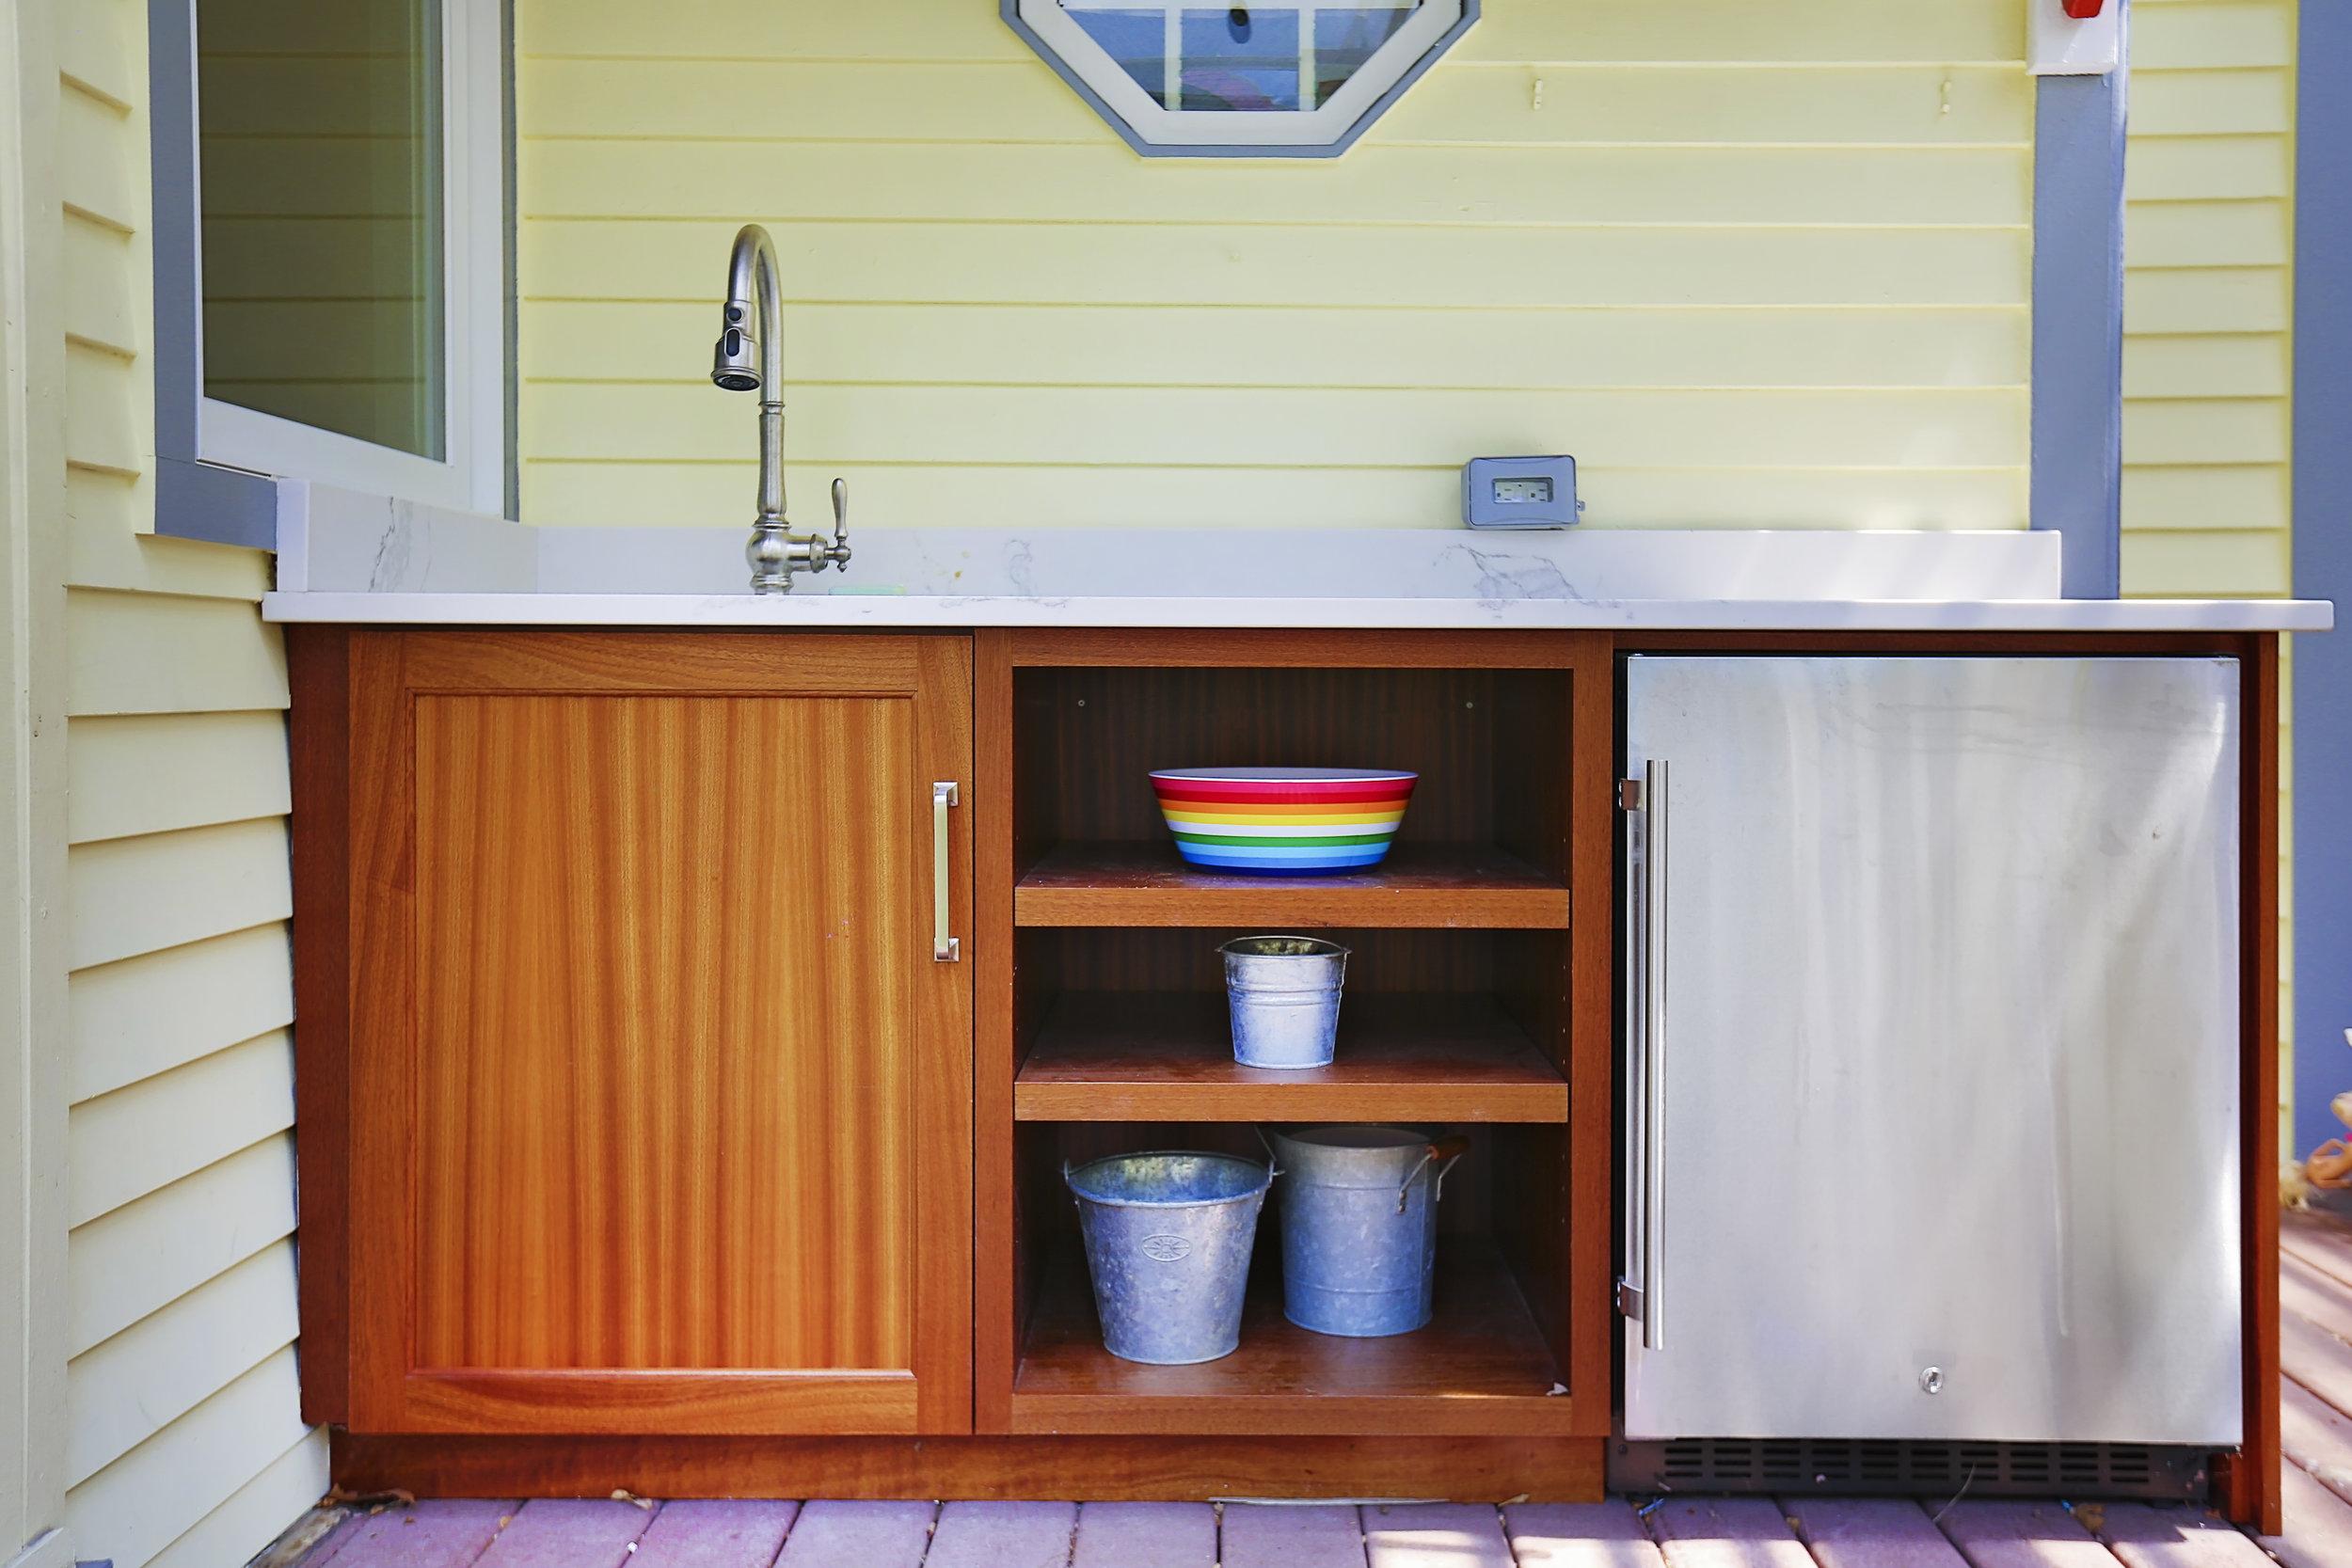 Simple-Outdoor-Kitchen-Yellow-Mini-Fridge.jpg